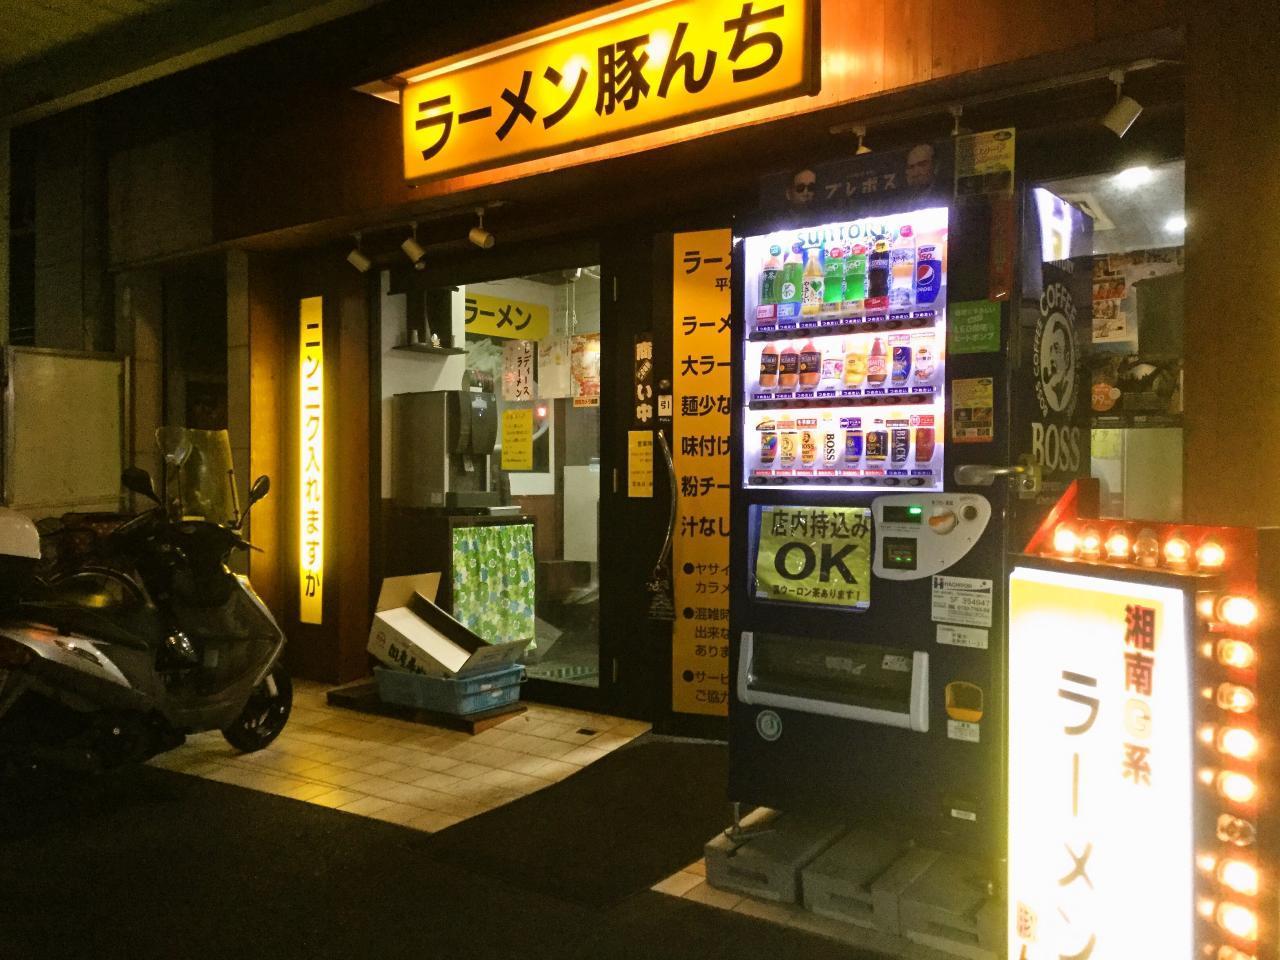 ラーメン豚んち(店舗)